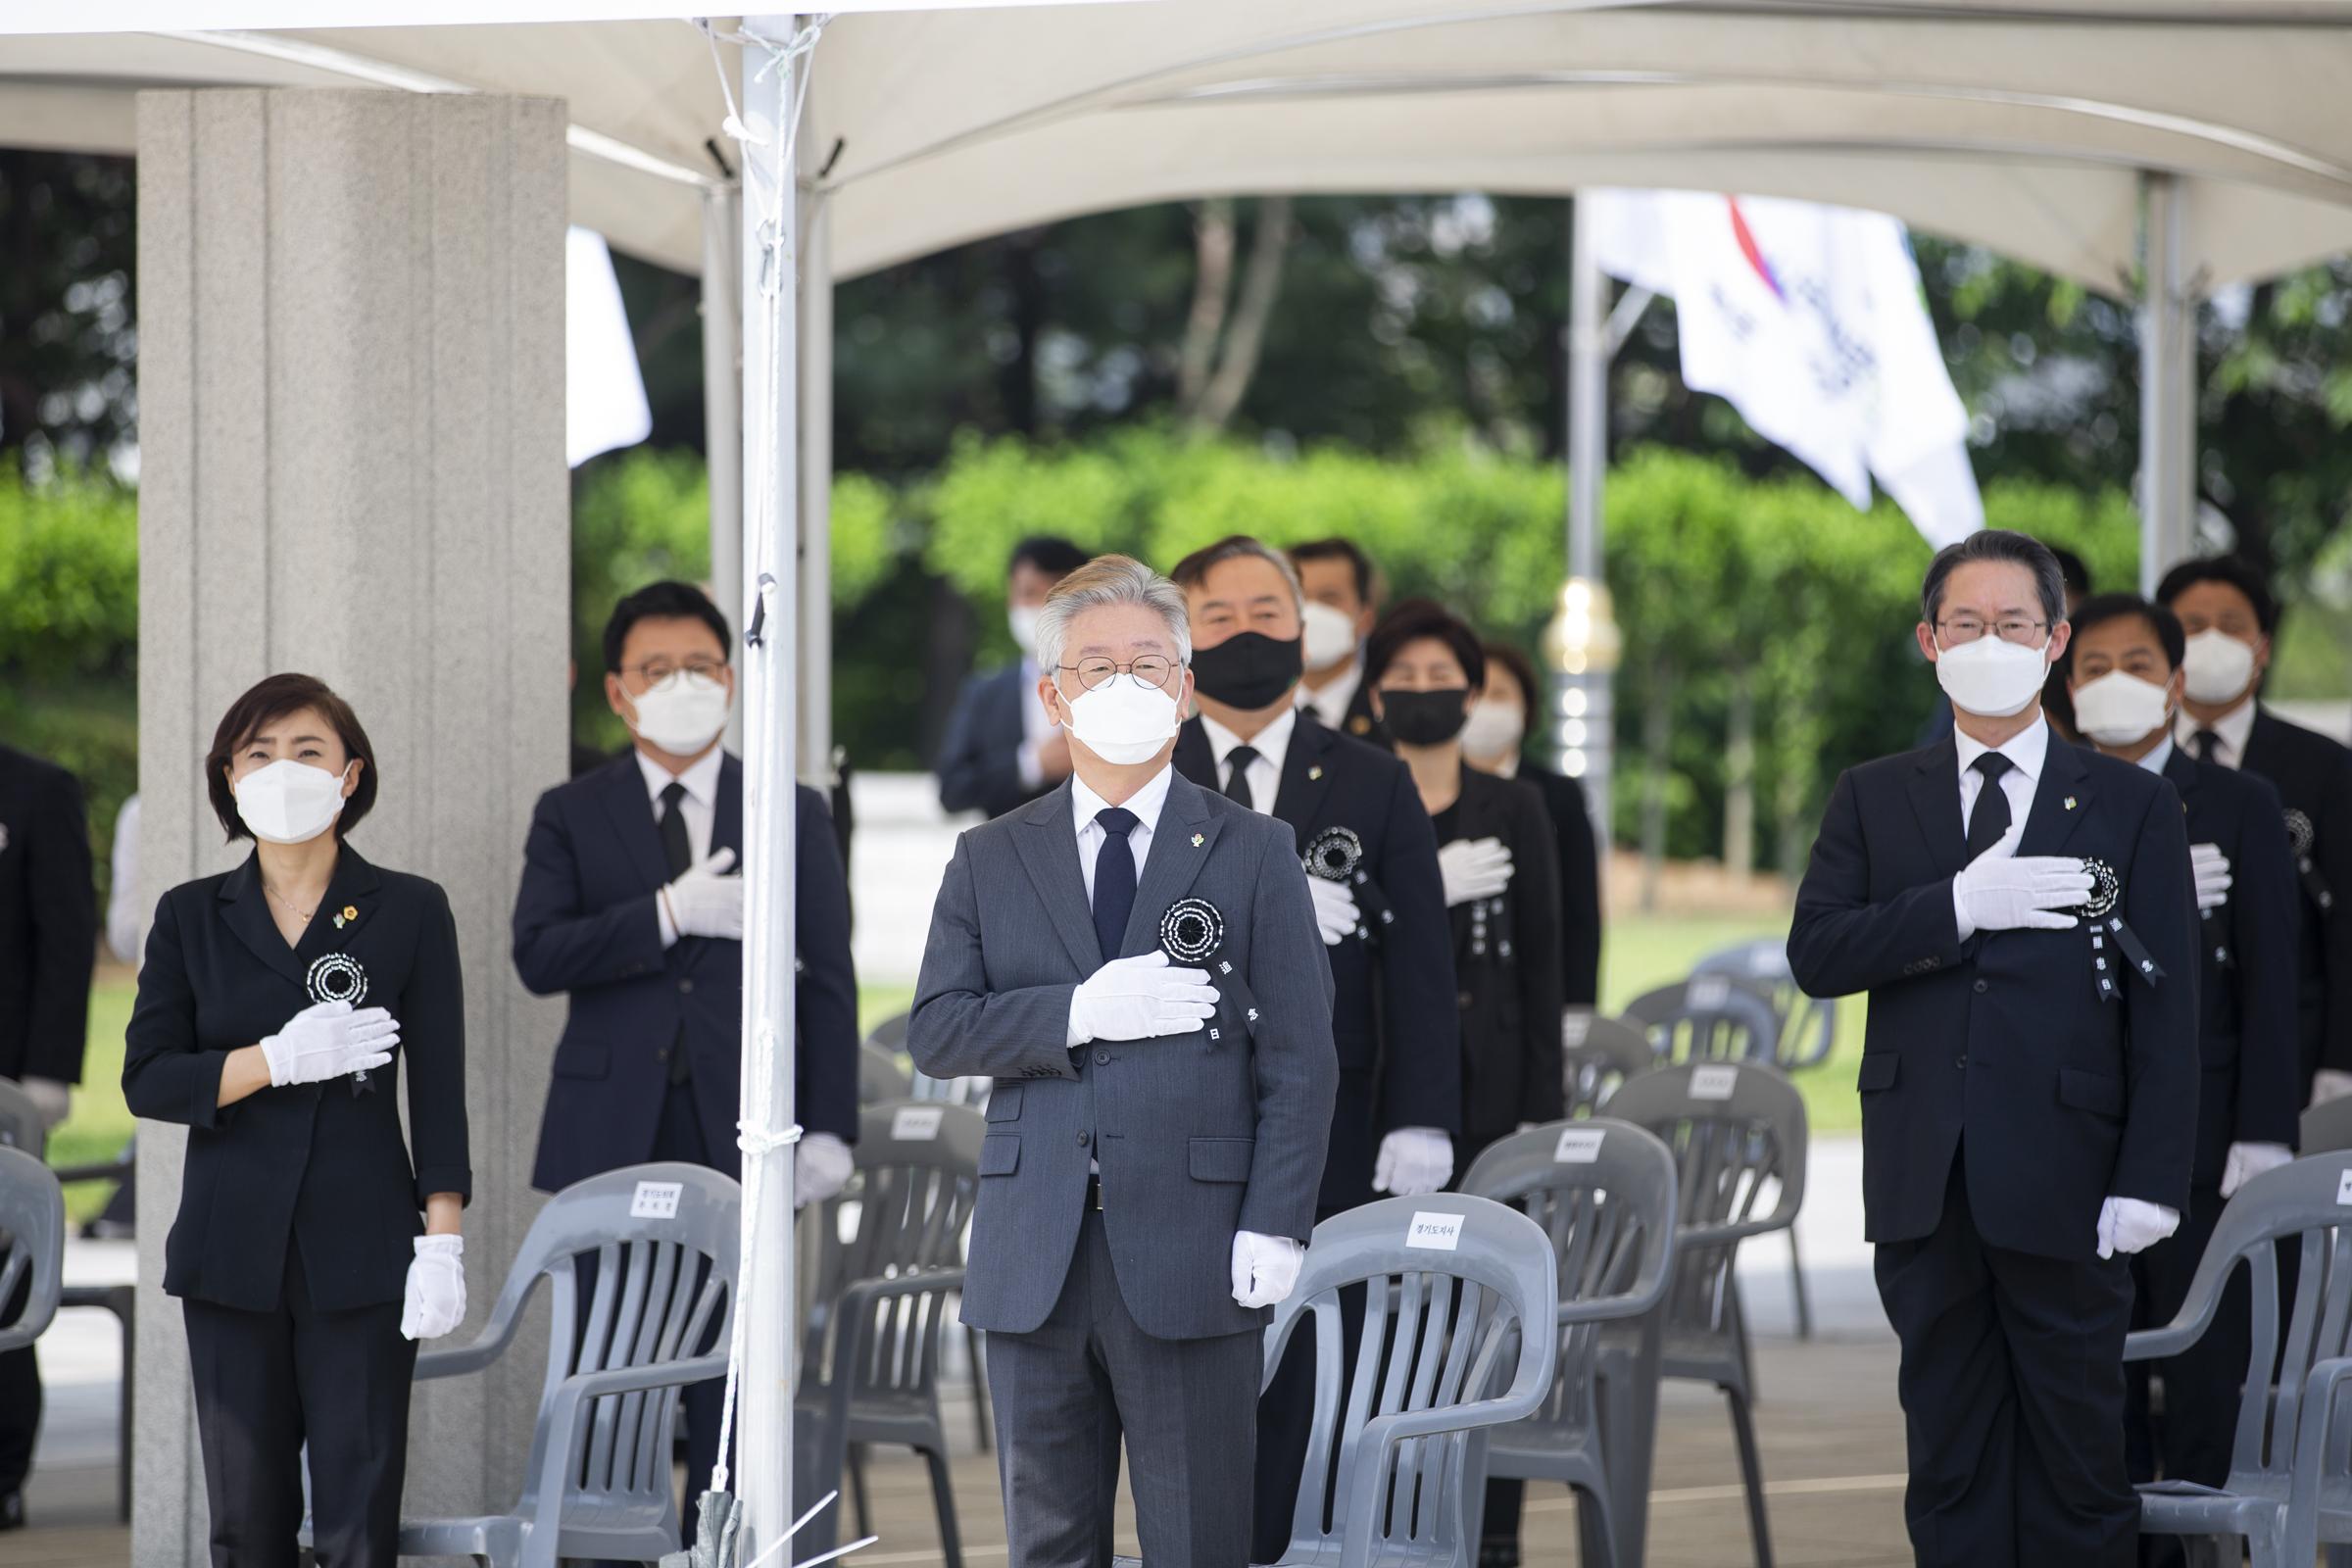 이재명 경기도지사는 6일 수원 현충탑에서 열린 제65회 현충일 추념식에 참석해 순국선열과 호국영령의 명복을 빌고 유가족을 위로했다.